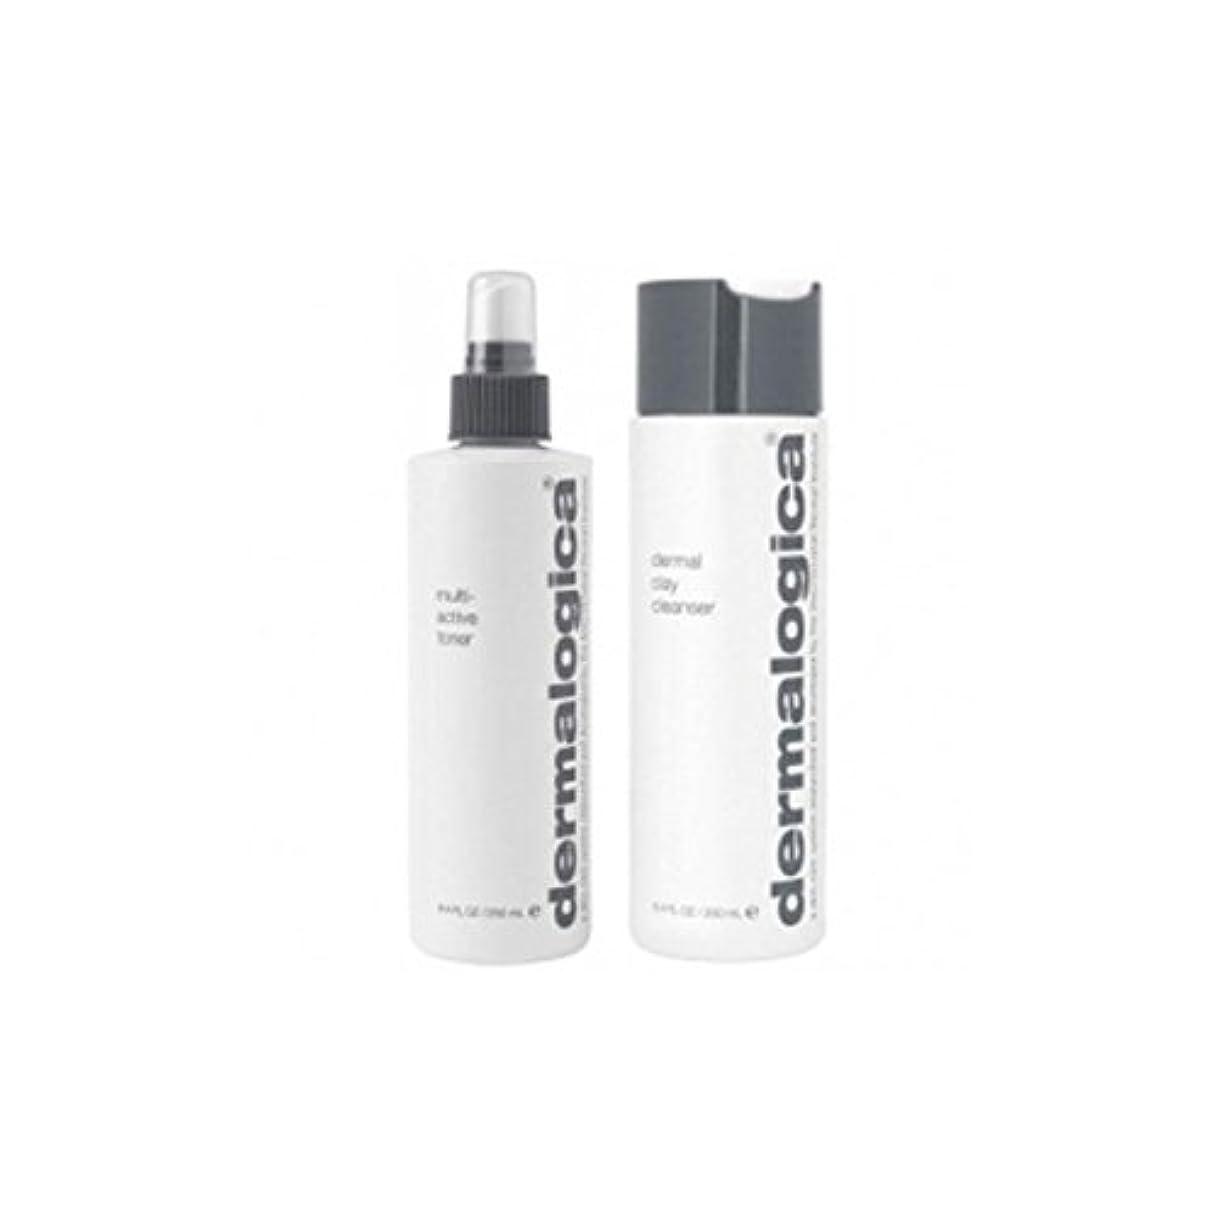 逃れるウィスキー推論ダーマロジカクレンジング&トーンデュオ - 脂性肌(2製品) x4 - Dermalogica Cleanse & Tone Duo - Oily Skin (2 Products) (Pack of 4) [並行輸入品]